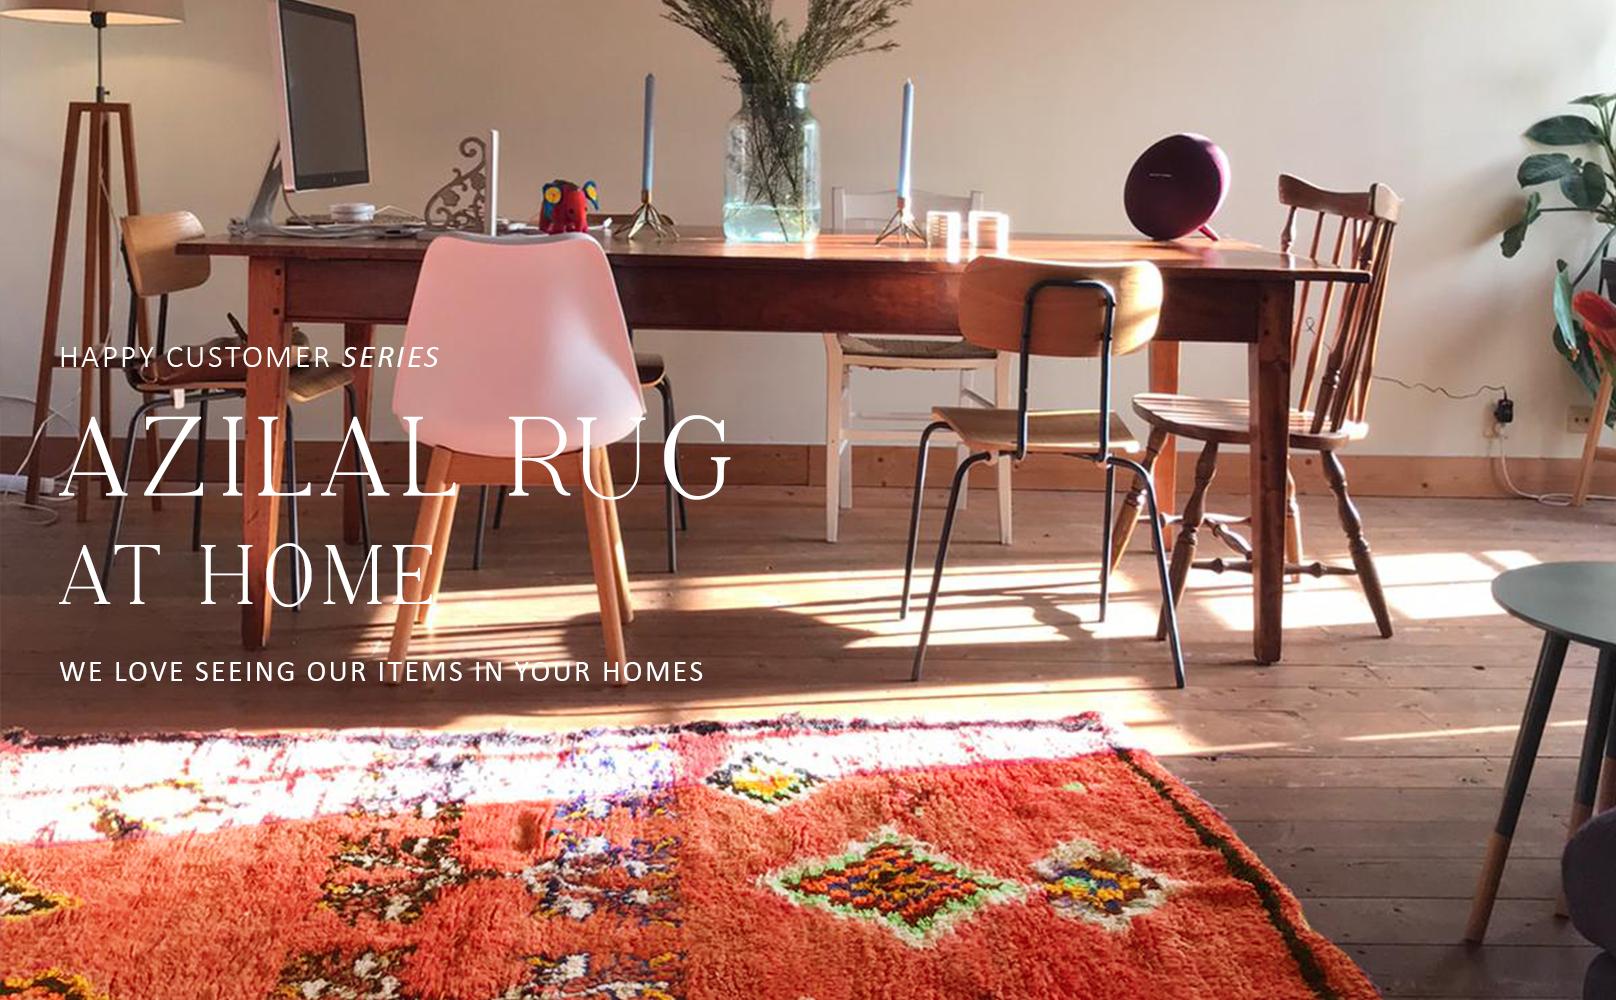 Hoe style je een azilal tapijt